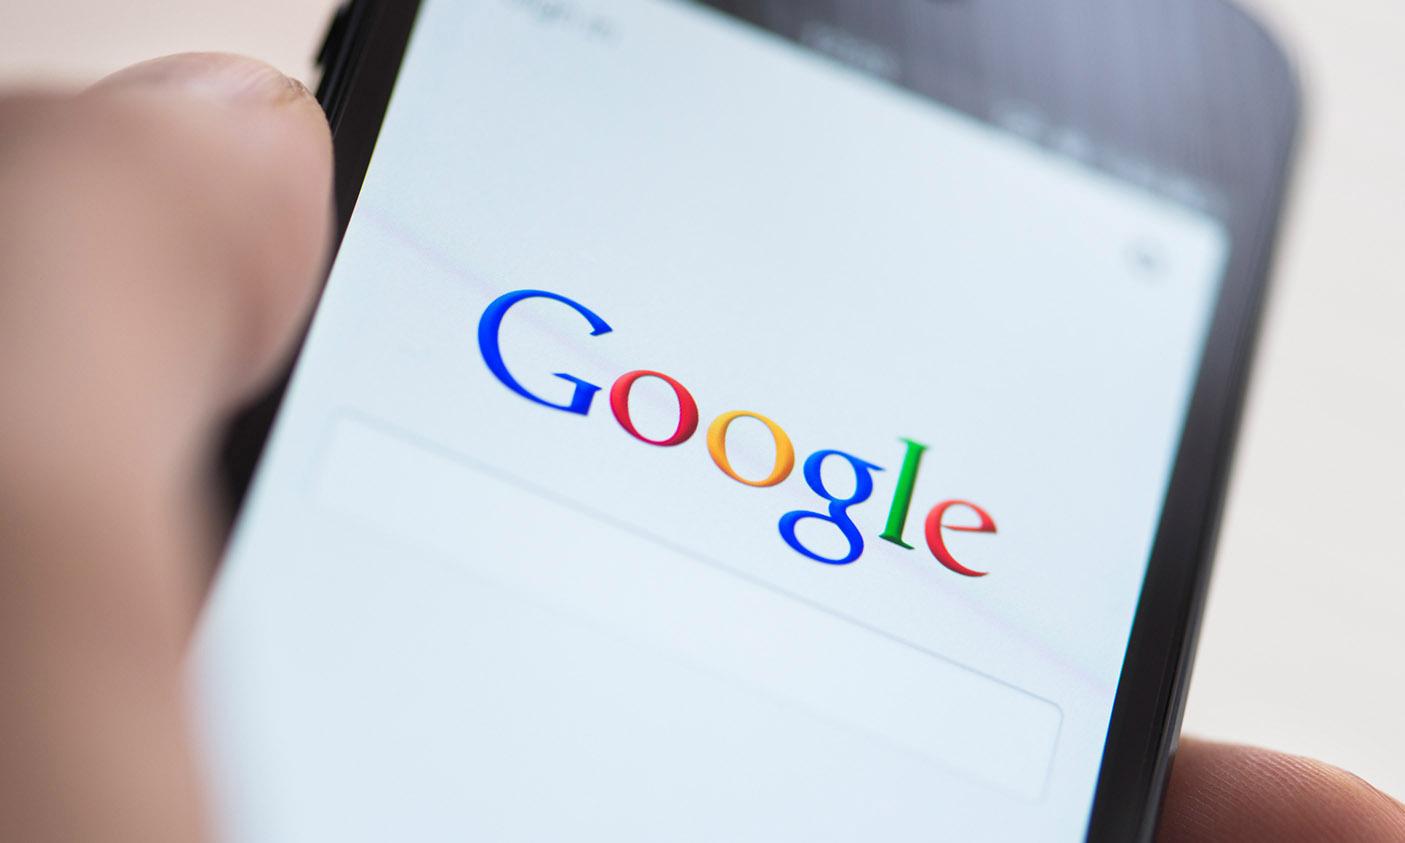 索赔 42.9 亿美元!440 万 iPhone 用户怒告谷歌